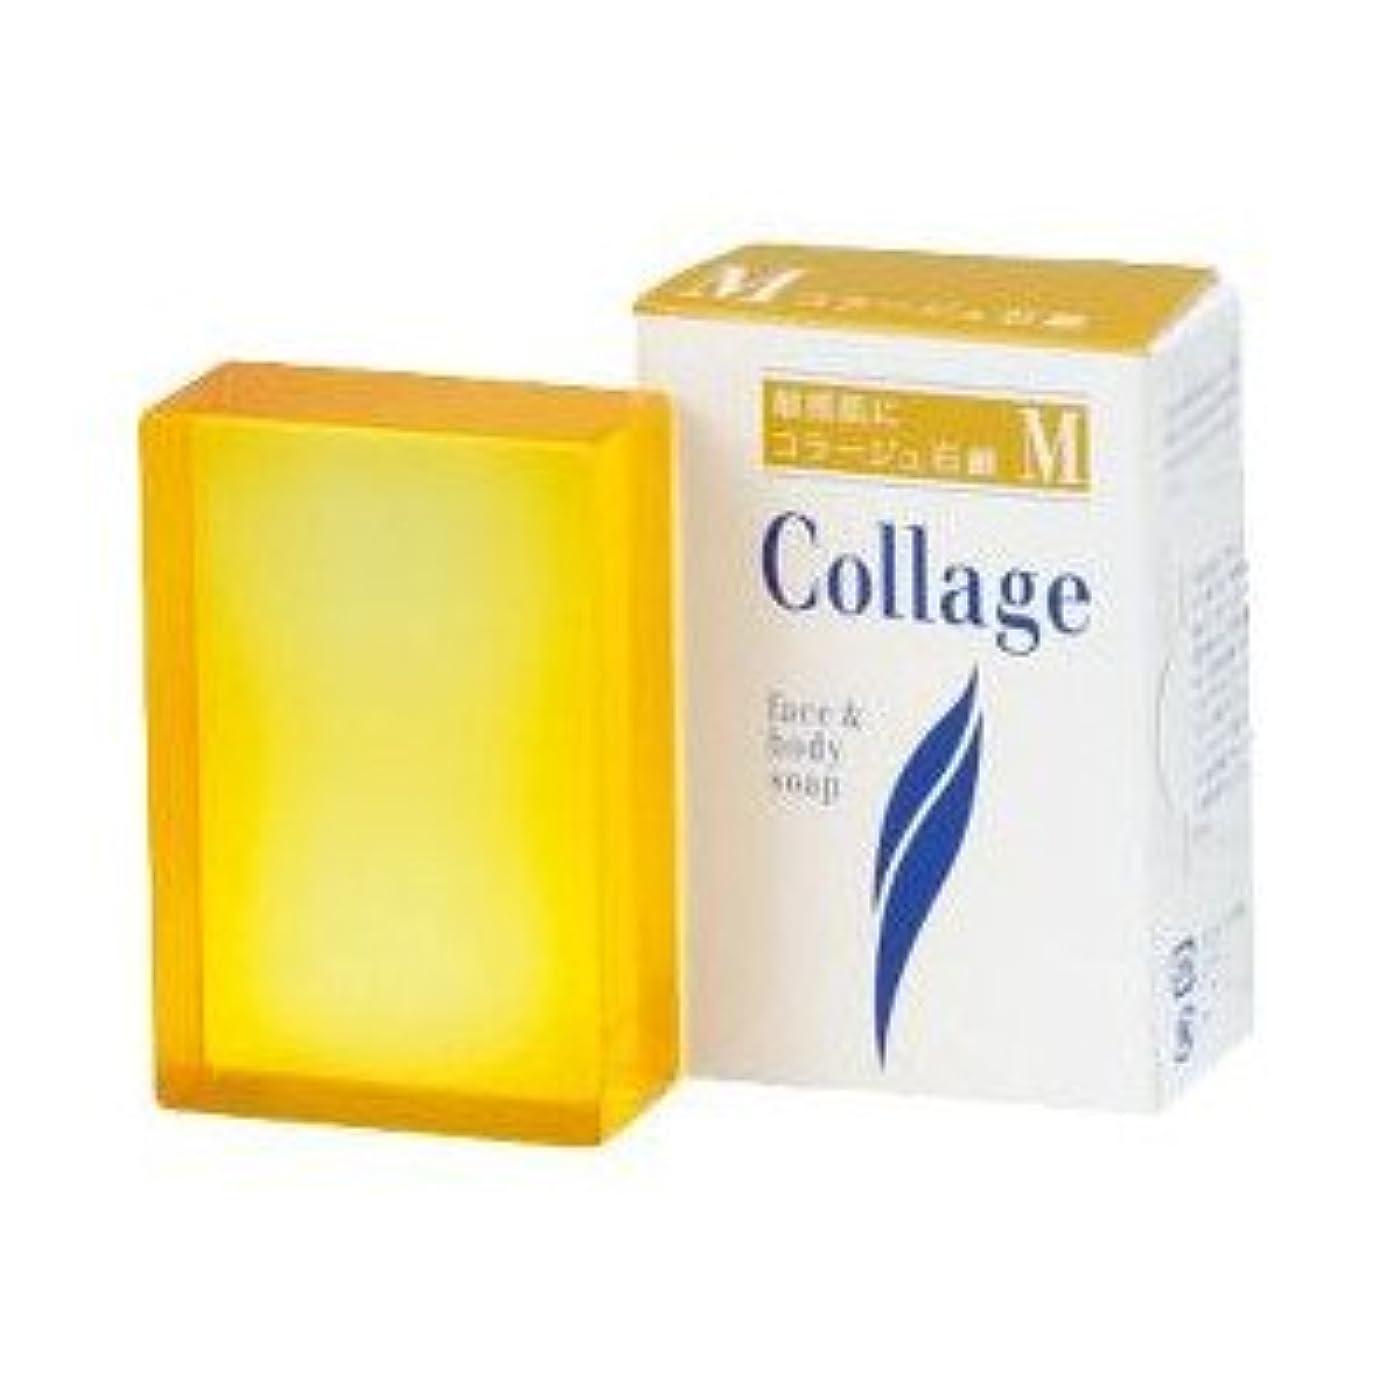 貢献する汚染された臭い(持田ヘルスケア)コラージュM石鹸 100g(お買い得3個セット)